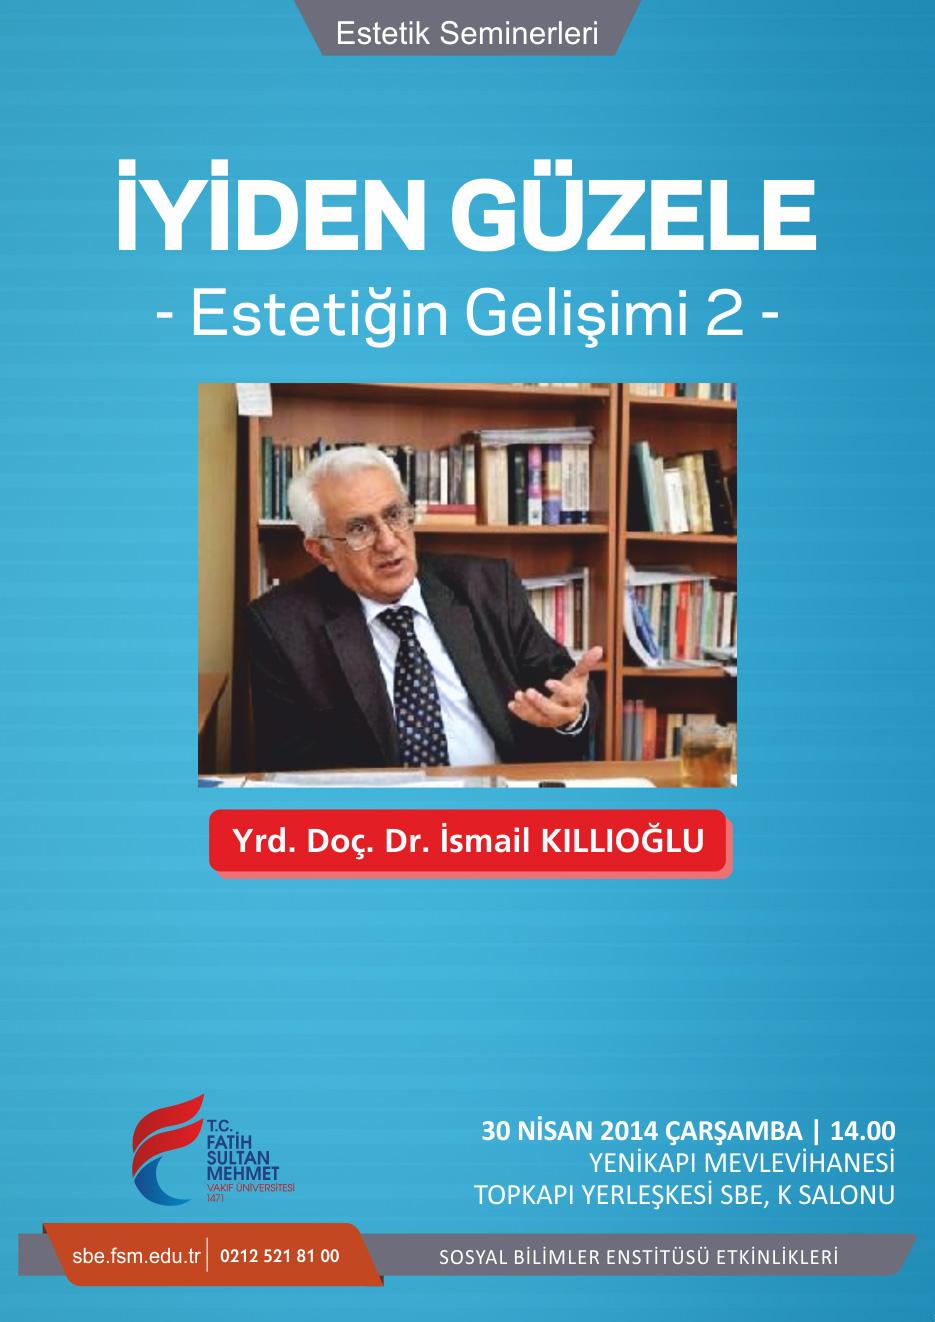 http://sbe.fsm.edu.tr/resimler/upload/Iyiden-Guzele-Estetigin-Gelisimi-2-Semineri-1300414.jpg